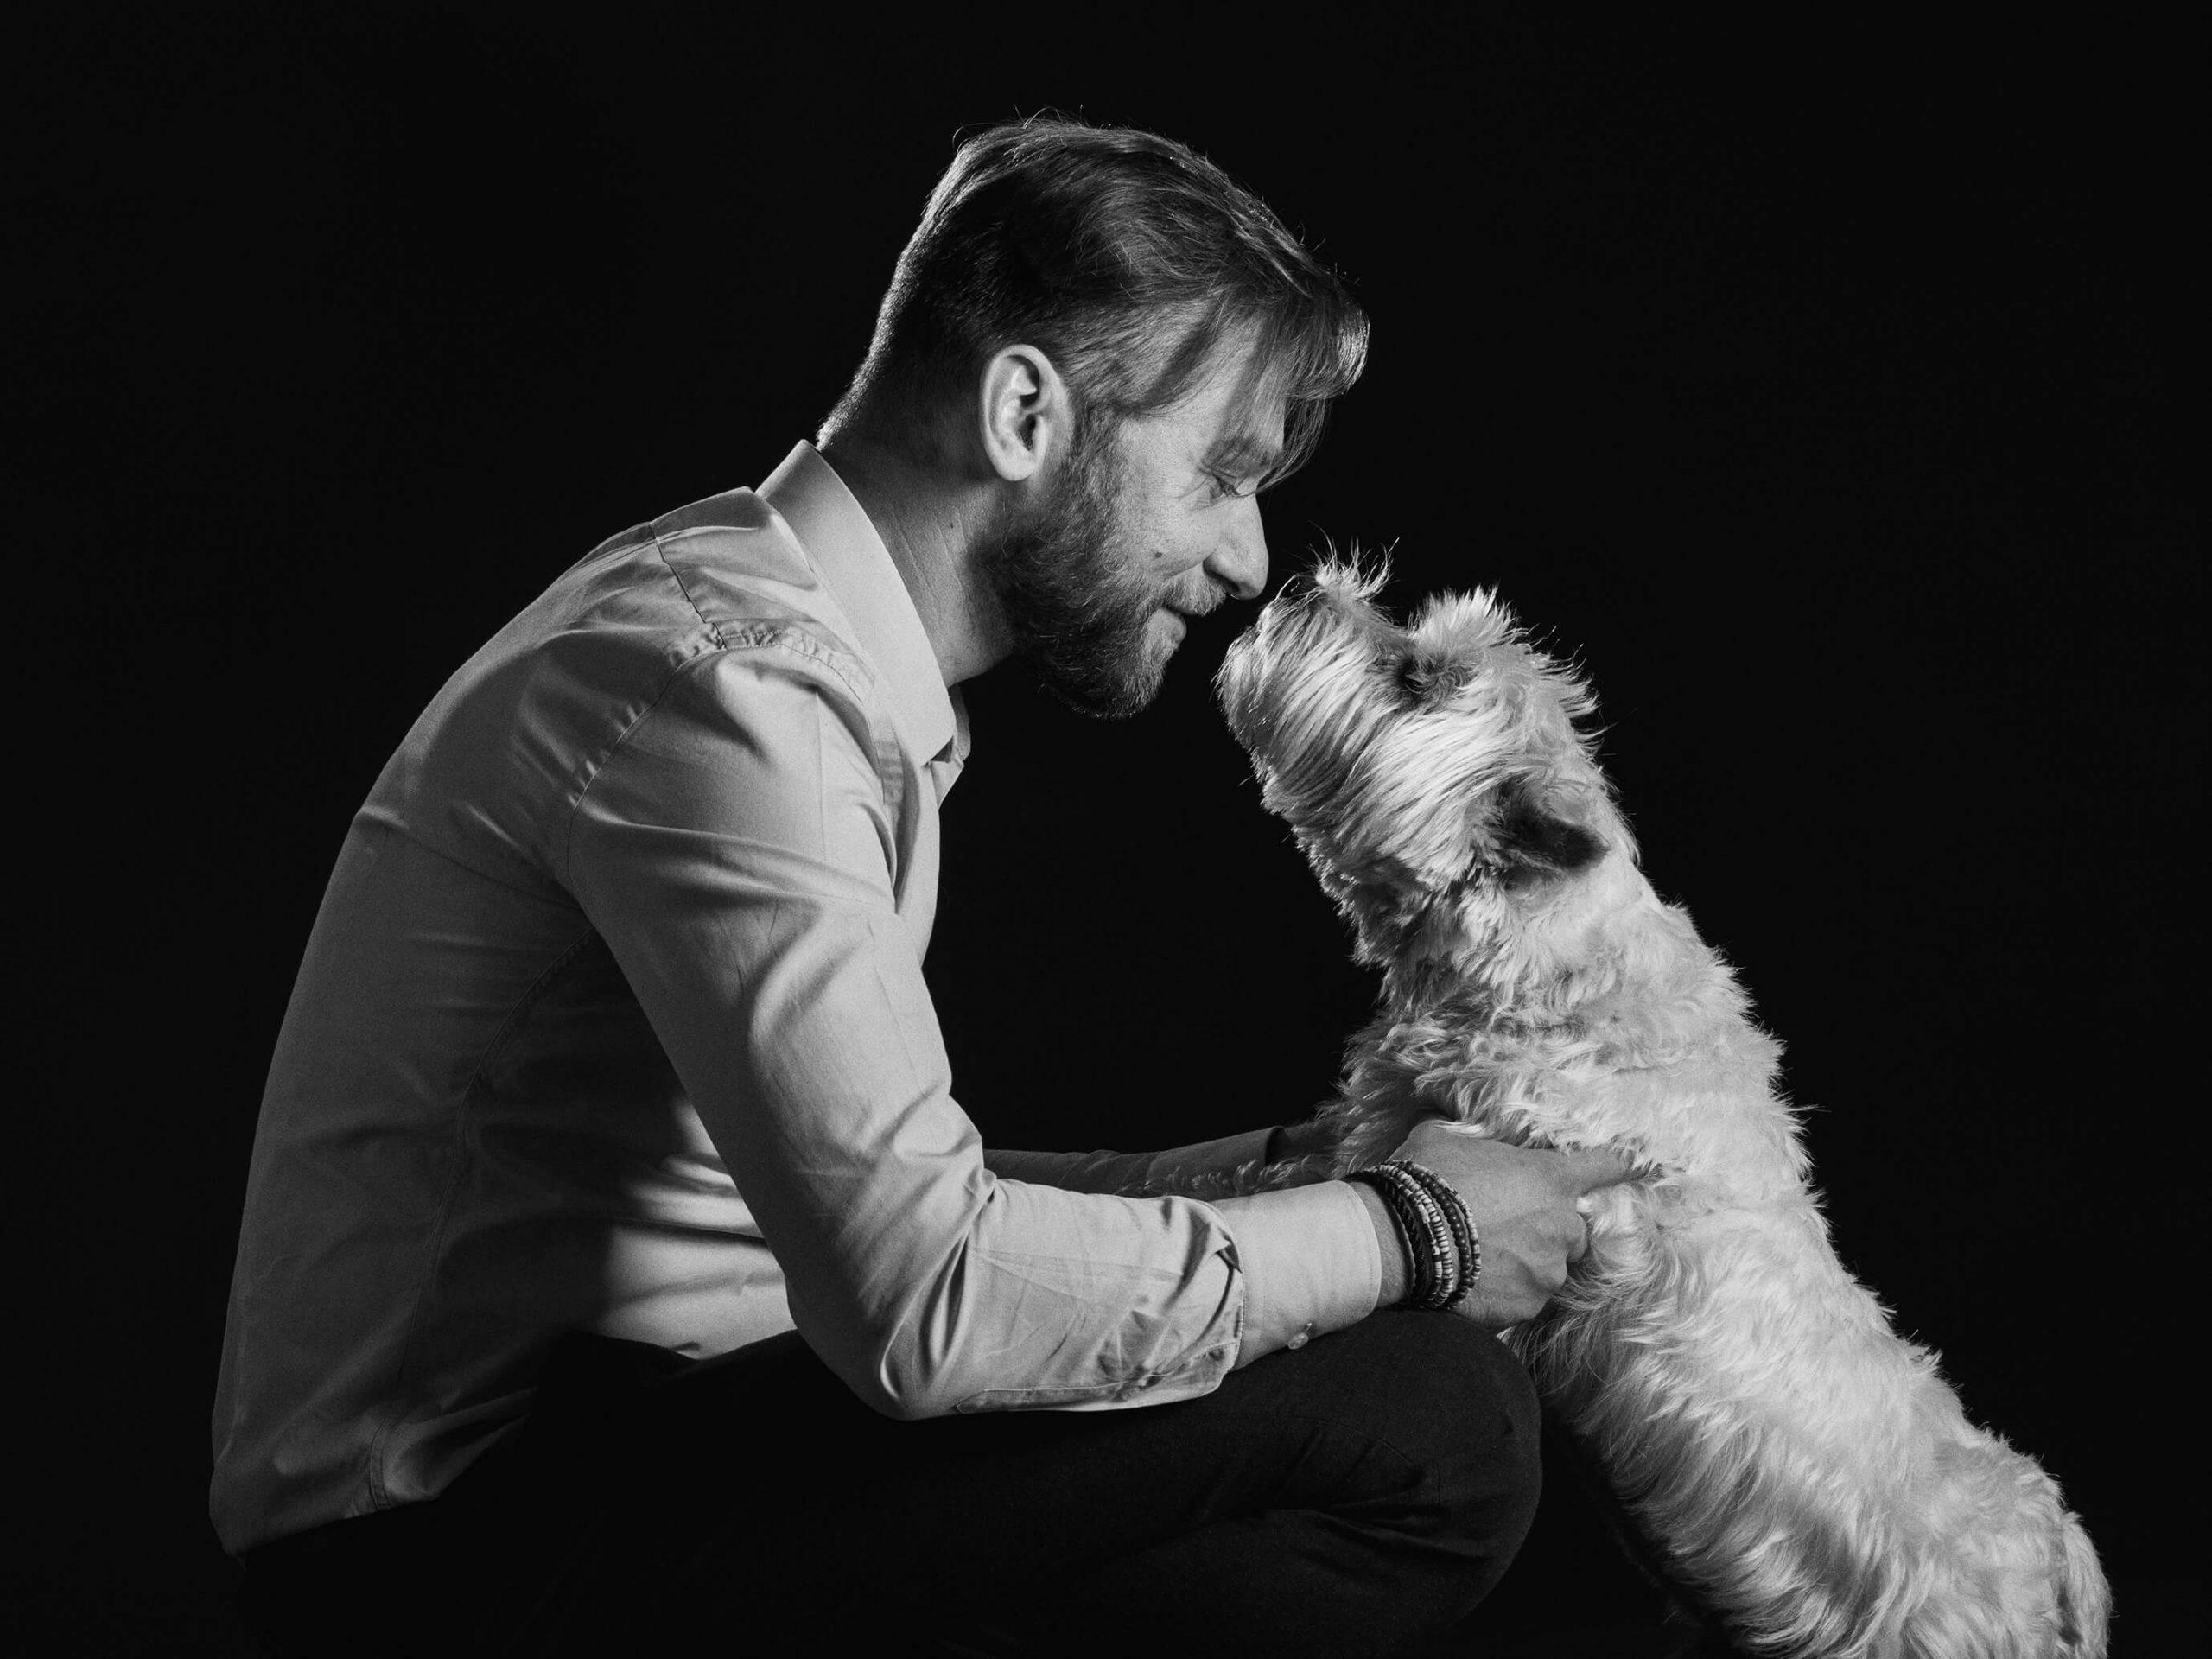 """ЖИВОТНАЯ СТРАСТЬ: Ростислав Вовк из компании """"Кормотех"""" о том, как делать бизнес на животных, но оставаться человеком"""